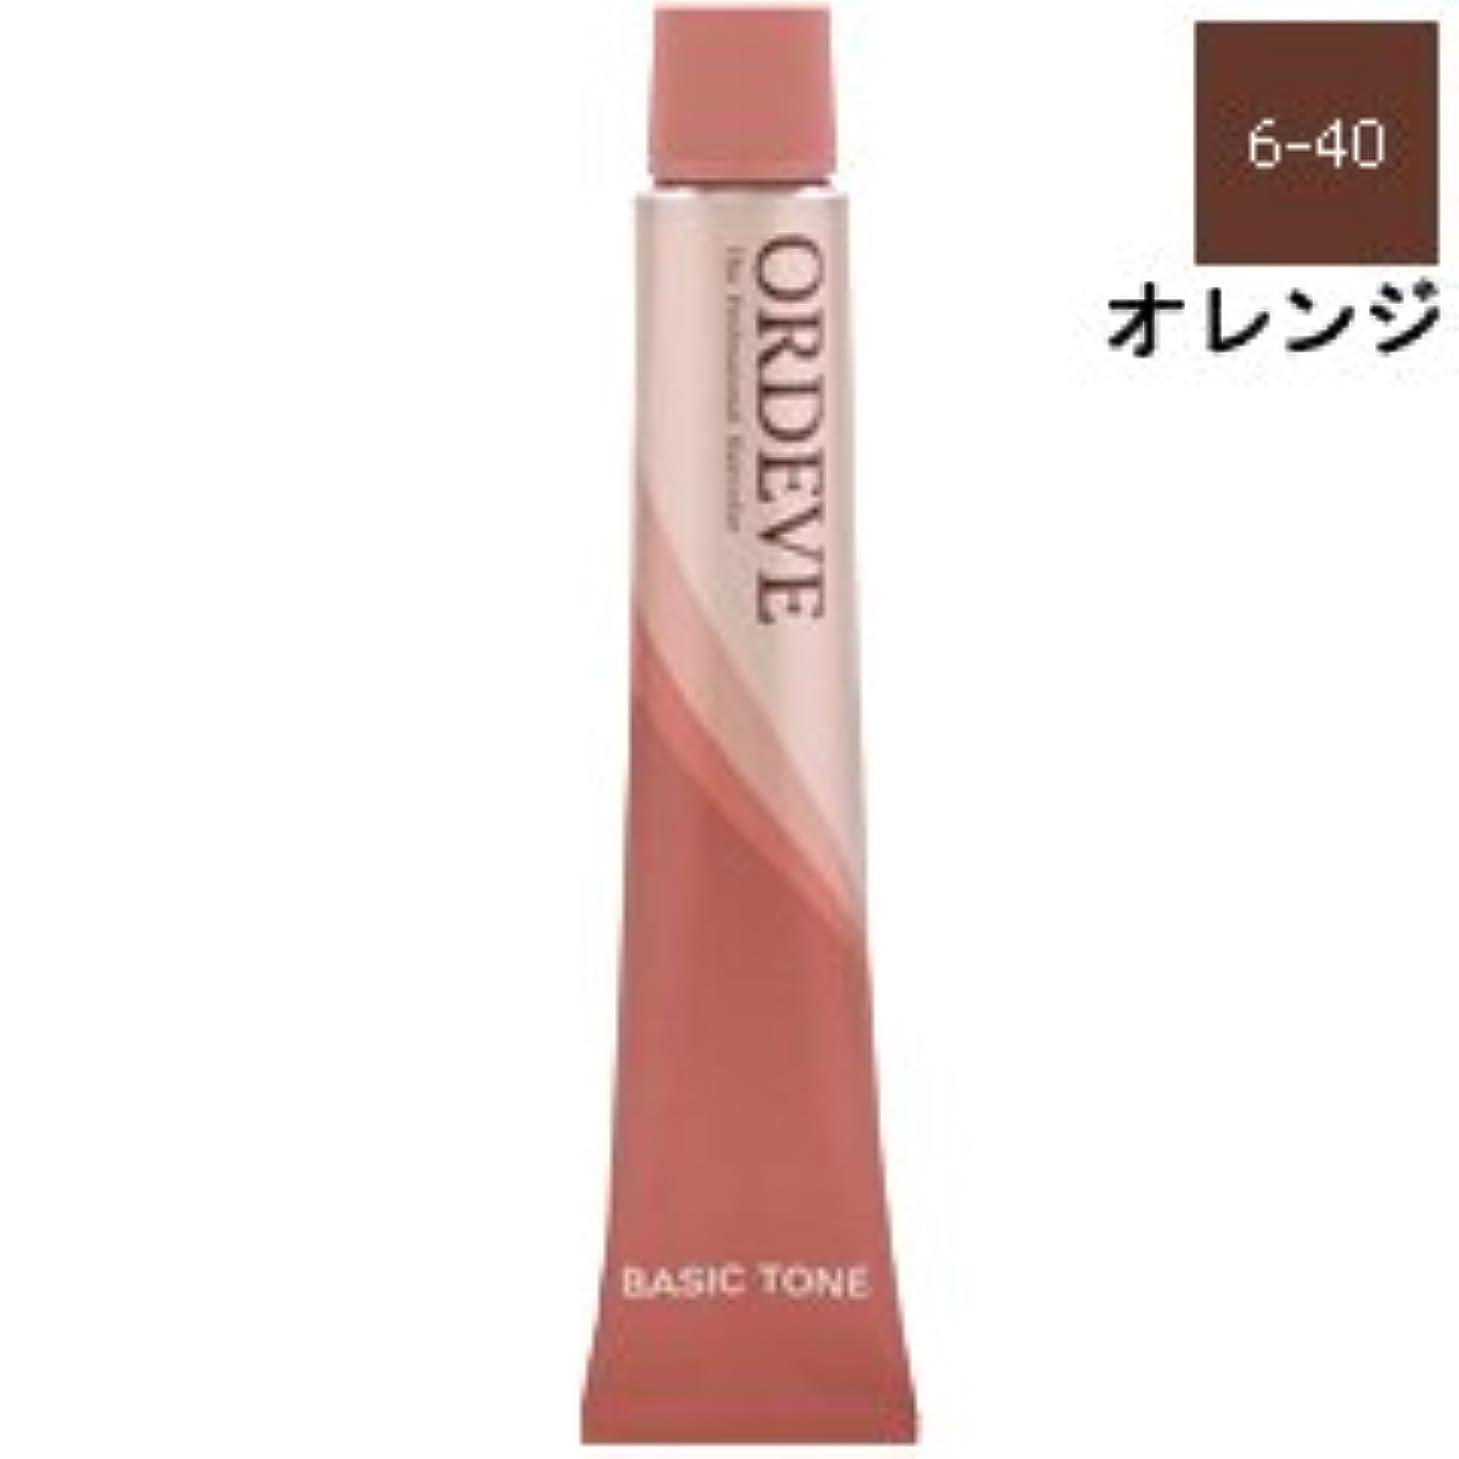 作動するクランプ襟【ミルボン】オルディーブ ベーシックトーン #06-40 オレンジ 80g